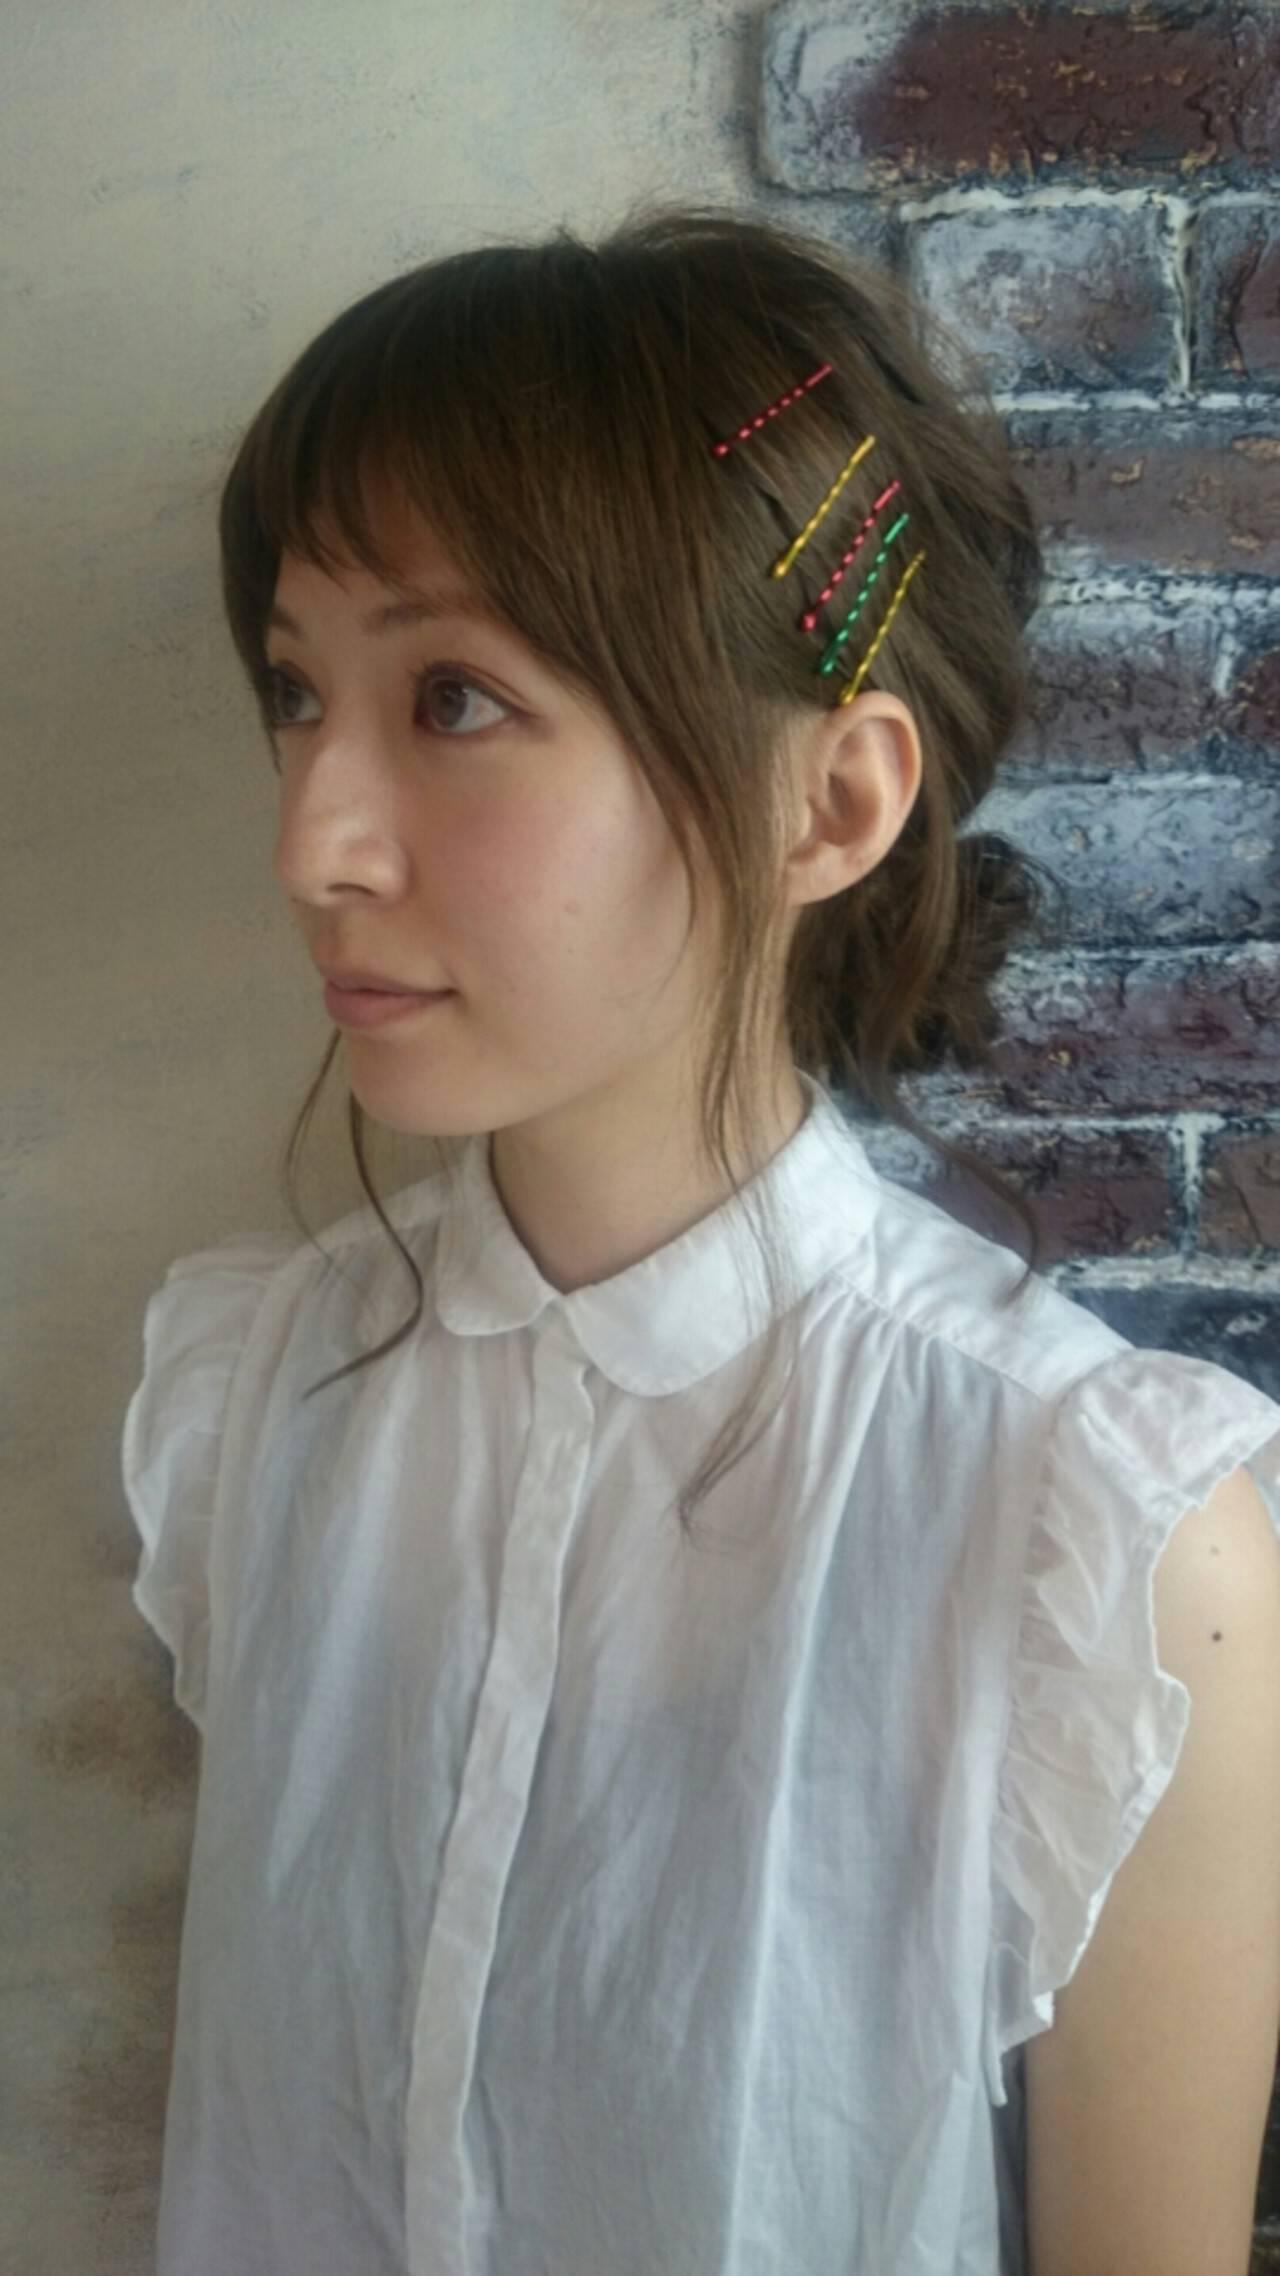 ミディアム ショート 前髪あり ガーリーヘアスタイルや髪型の写真・画像